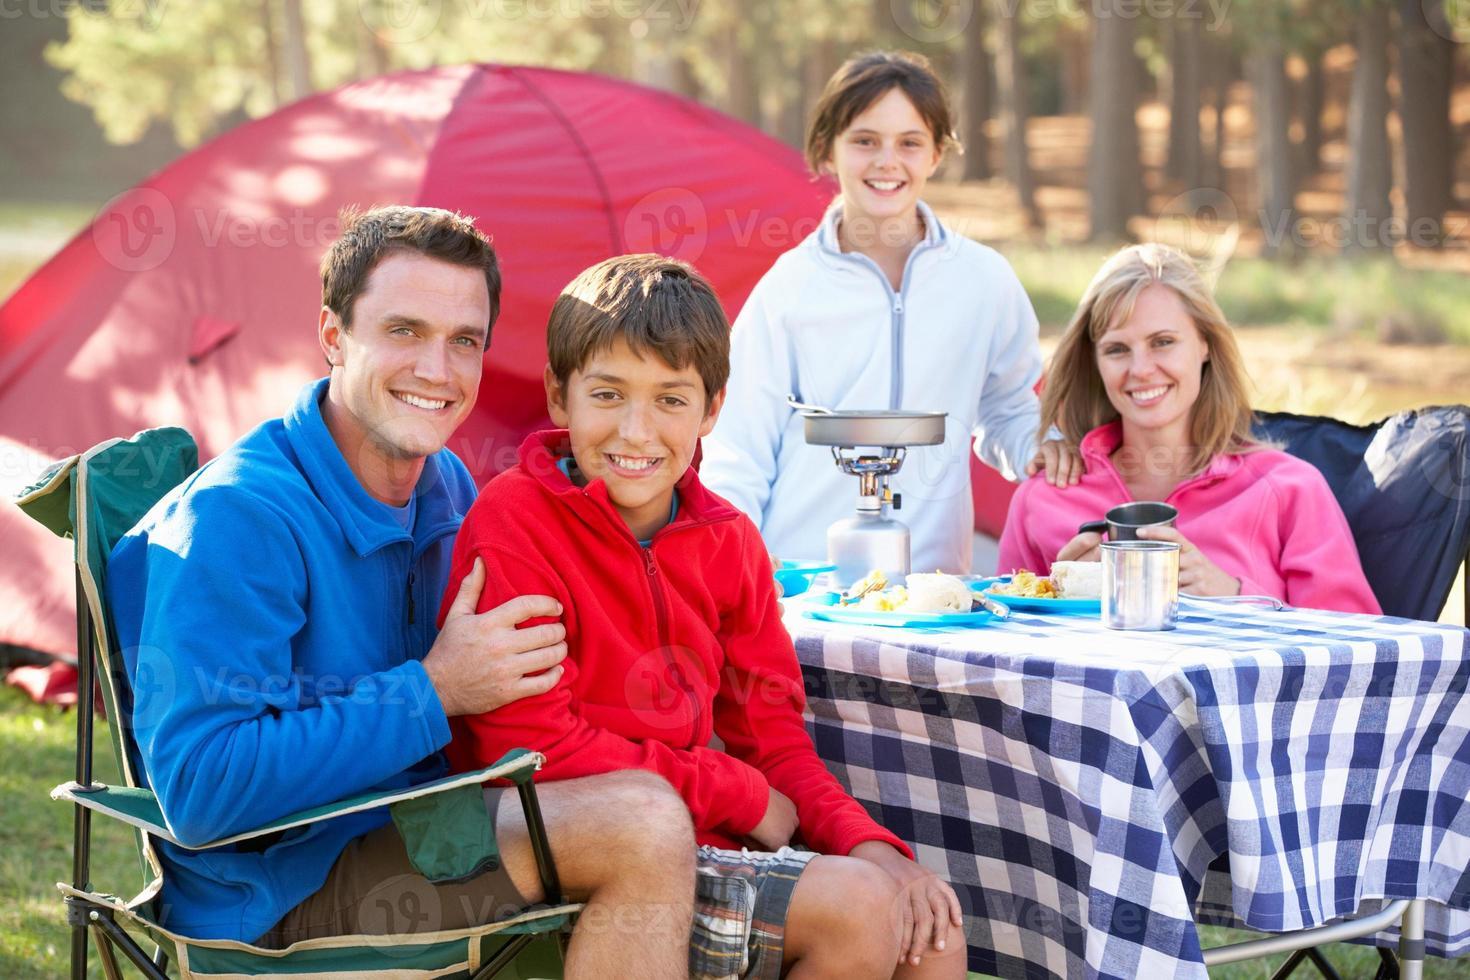 familia disfrutando de comida en vacaciones de camping foto